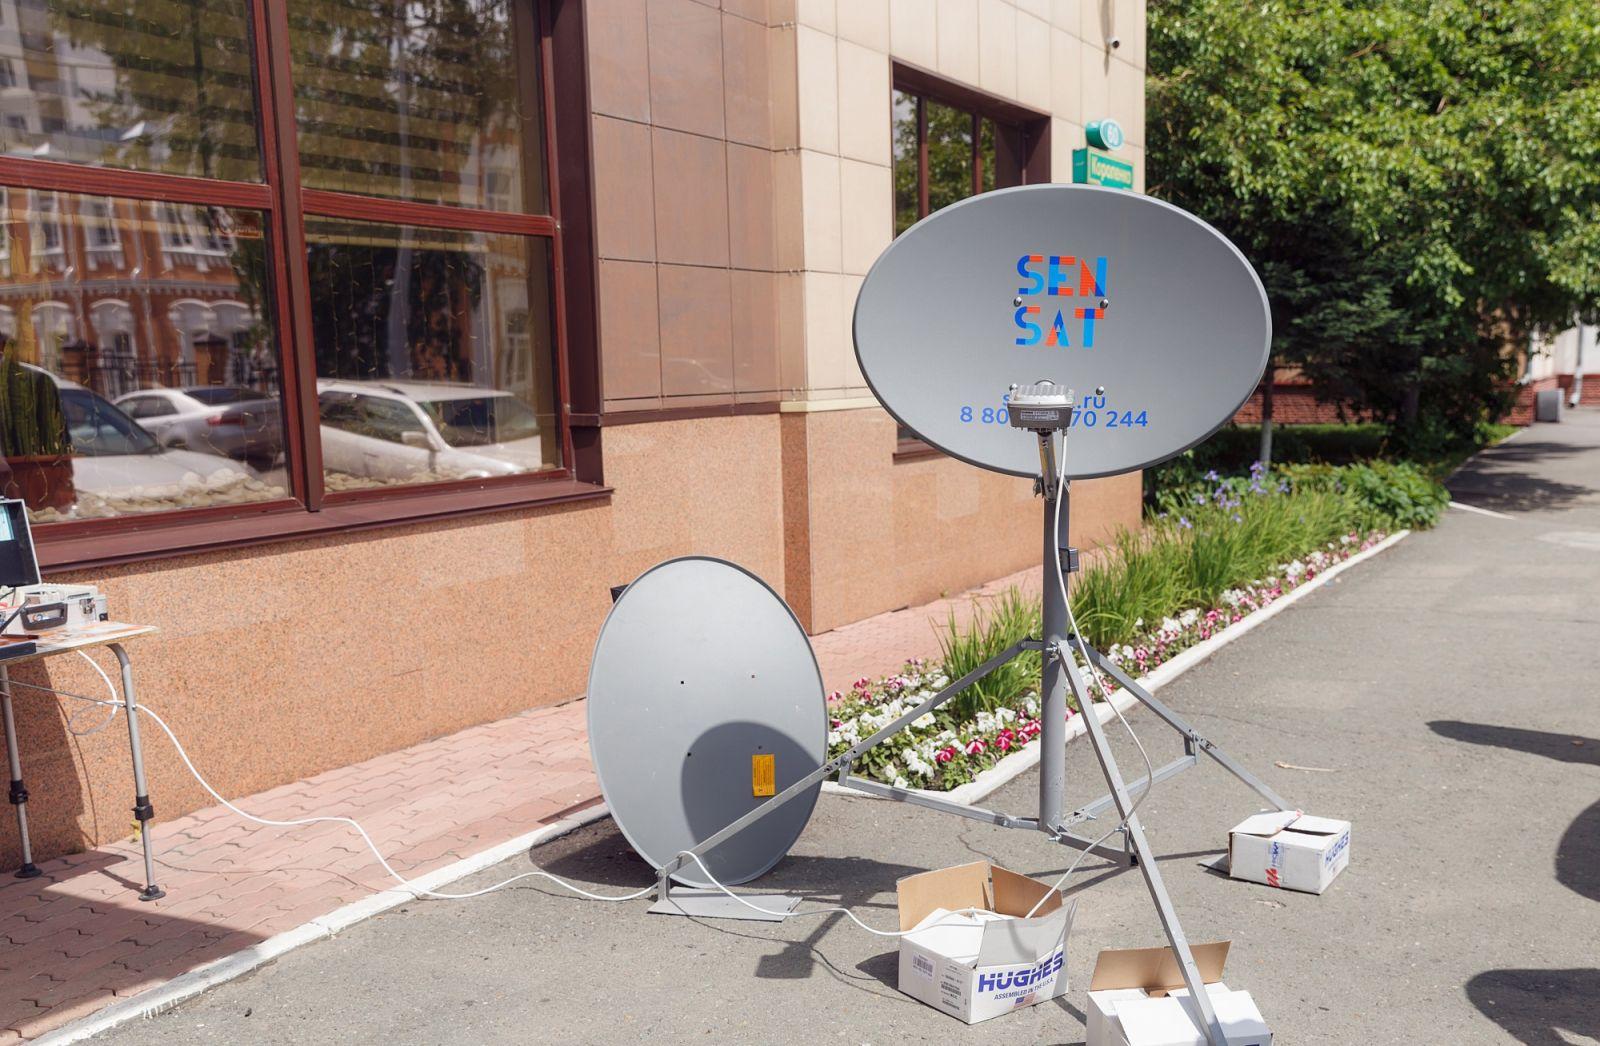 SenSat доставит дефицитный Интернет отдаленные районы Алтайского края